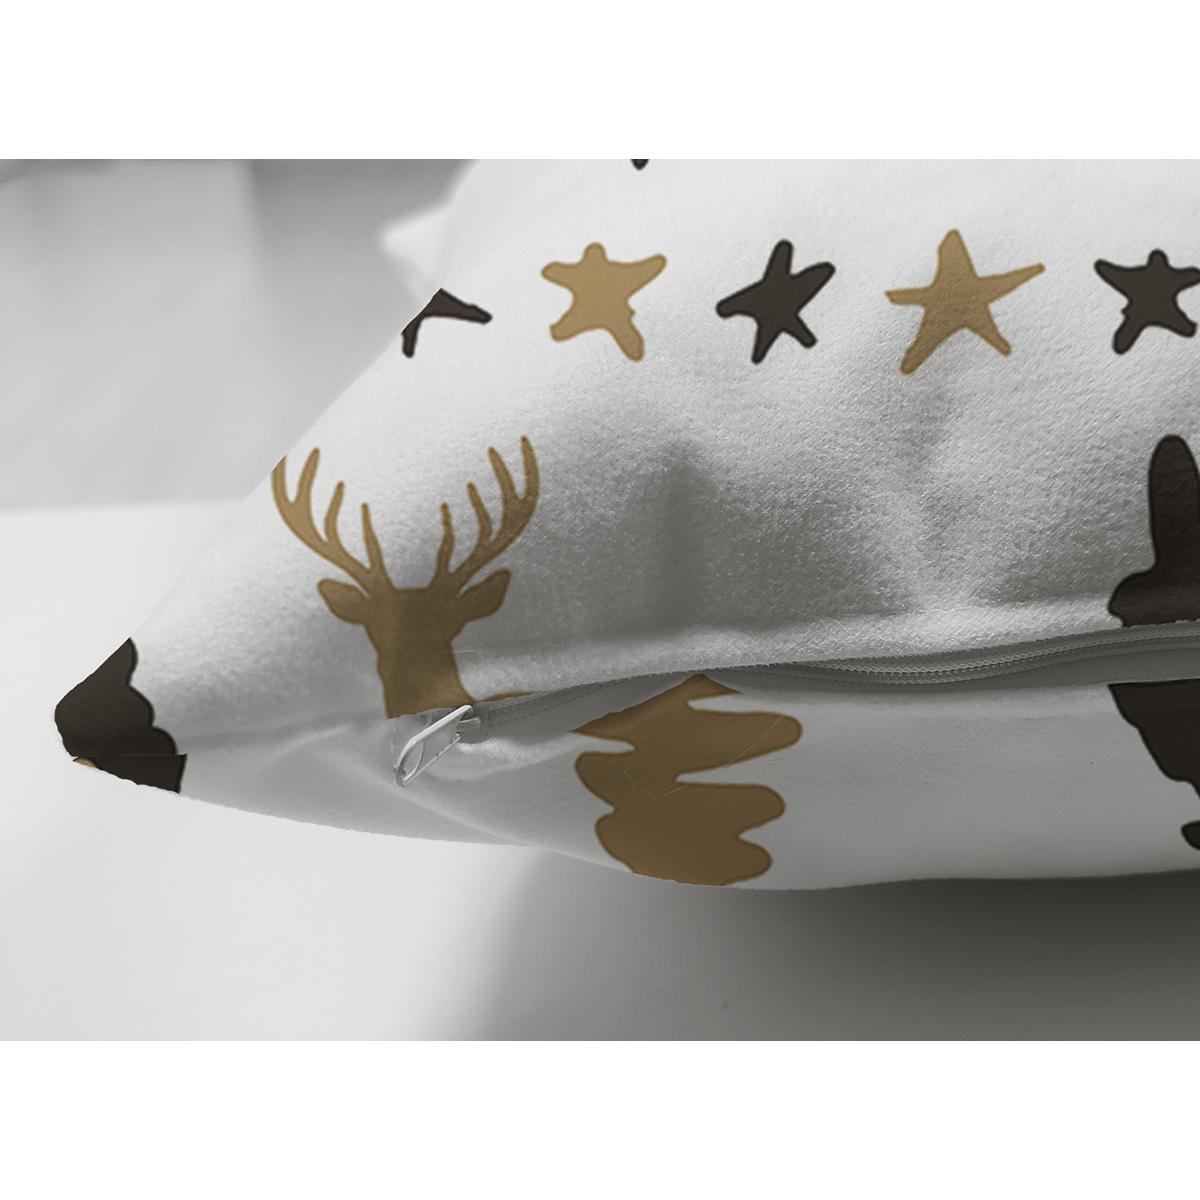 Çift Taraflı Beyaz Zemin Üzerinde Geyik Desenli Dijital Baskılı Modern Süet Yastık Kırlent Kılıfı Realhomes